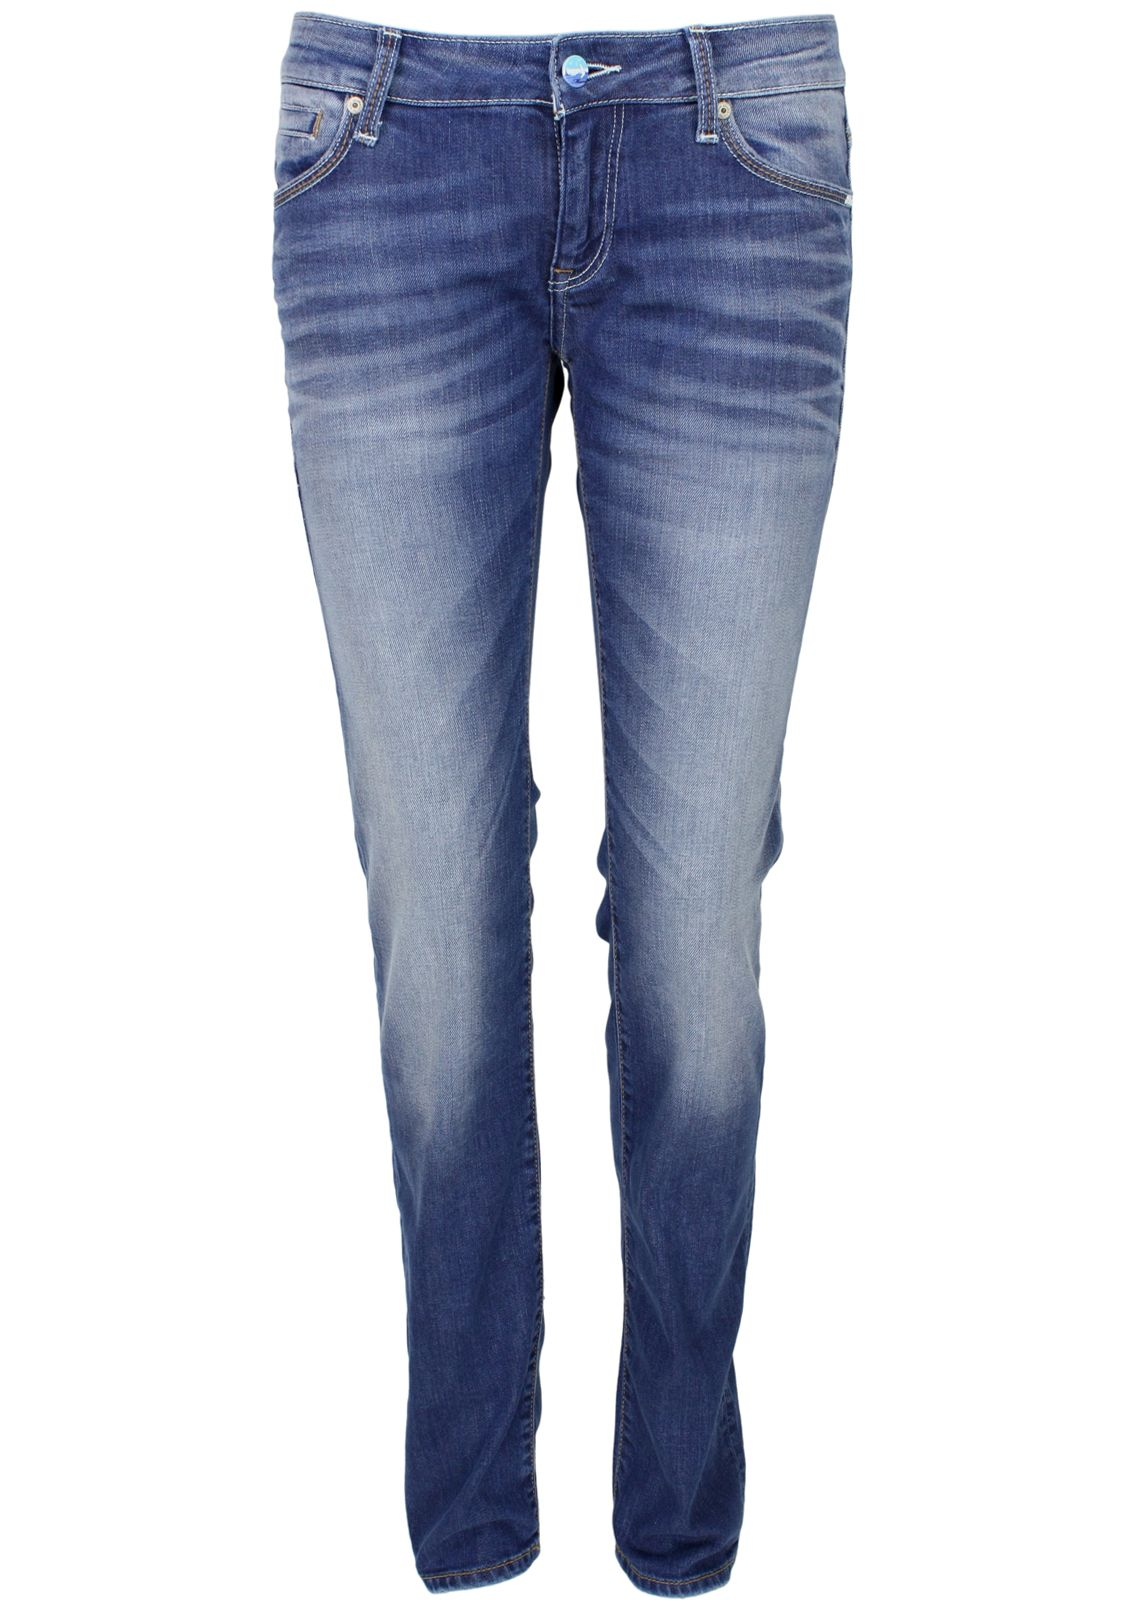 mavi jeans emma dark istanbul vintage fettebeute online shop. Black Bedroom Furniture Sets. Home Design Ideas